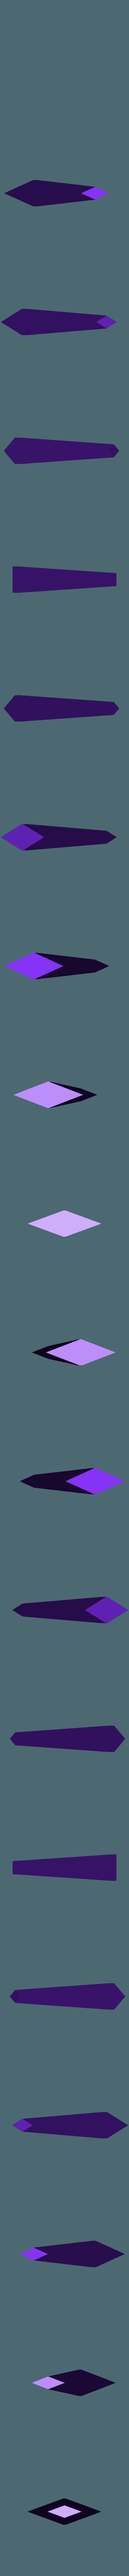 nail_mid_top.stl Télécharger fichier STL gratuit Clou cannelé de Hollow Knight • Modèle à imprimer en 3D, Lance_Greene